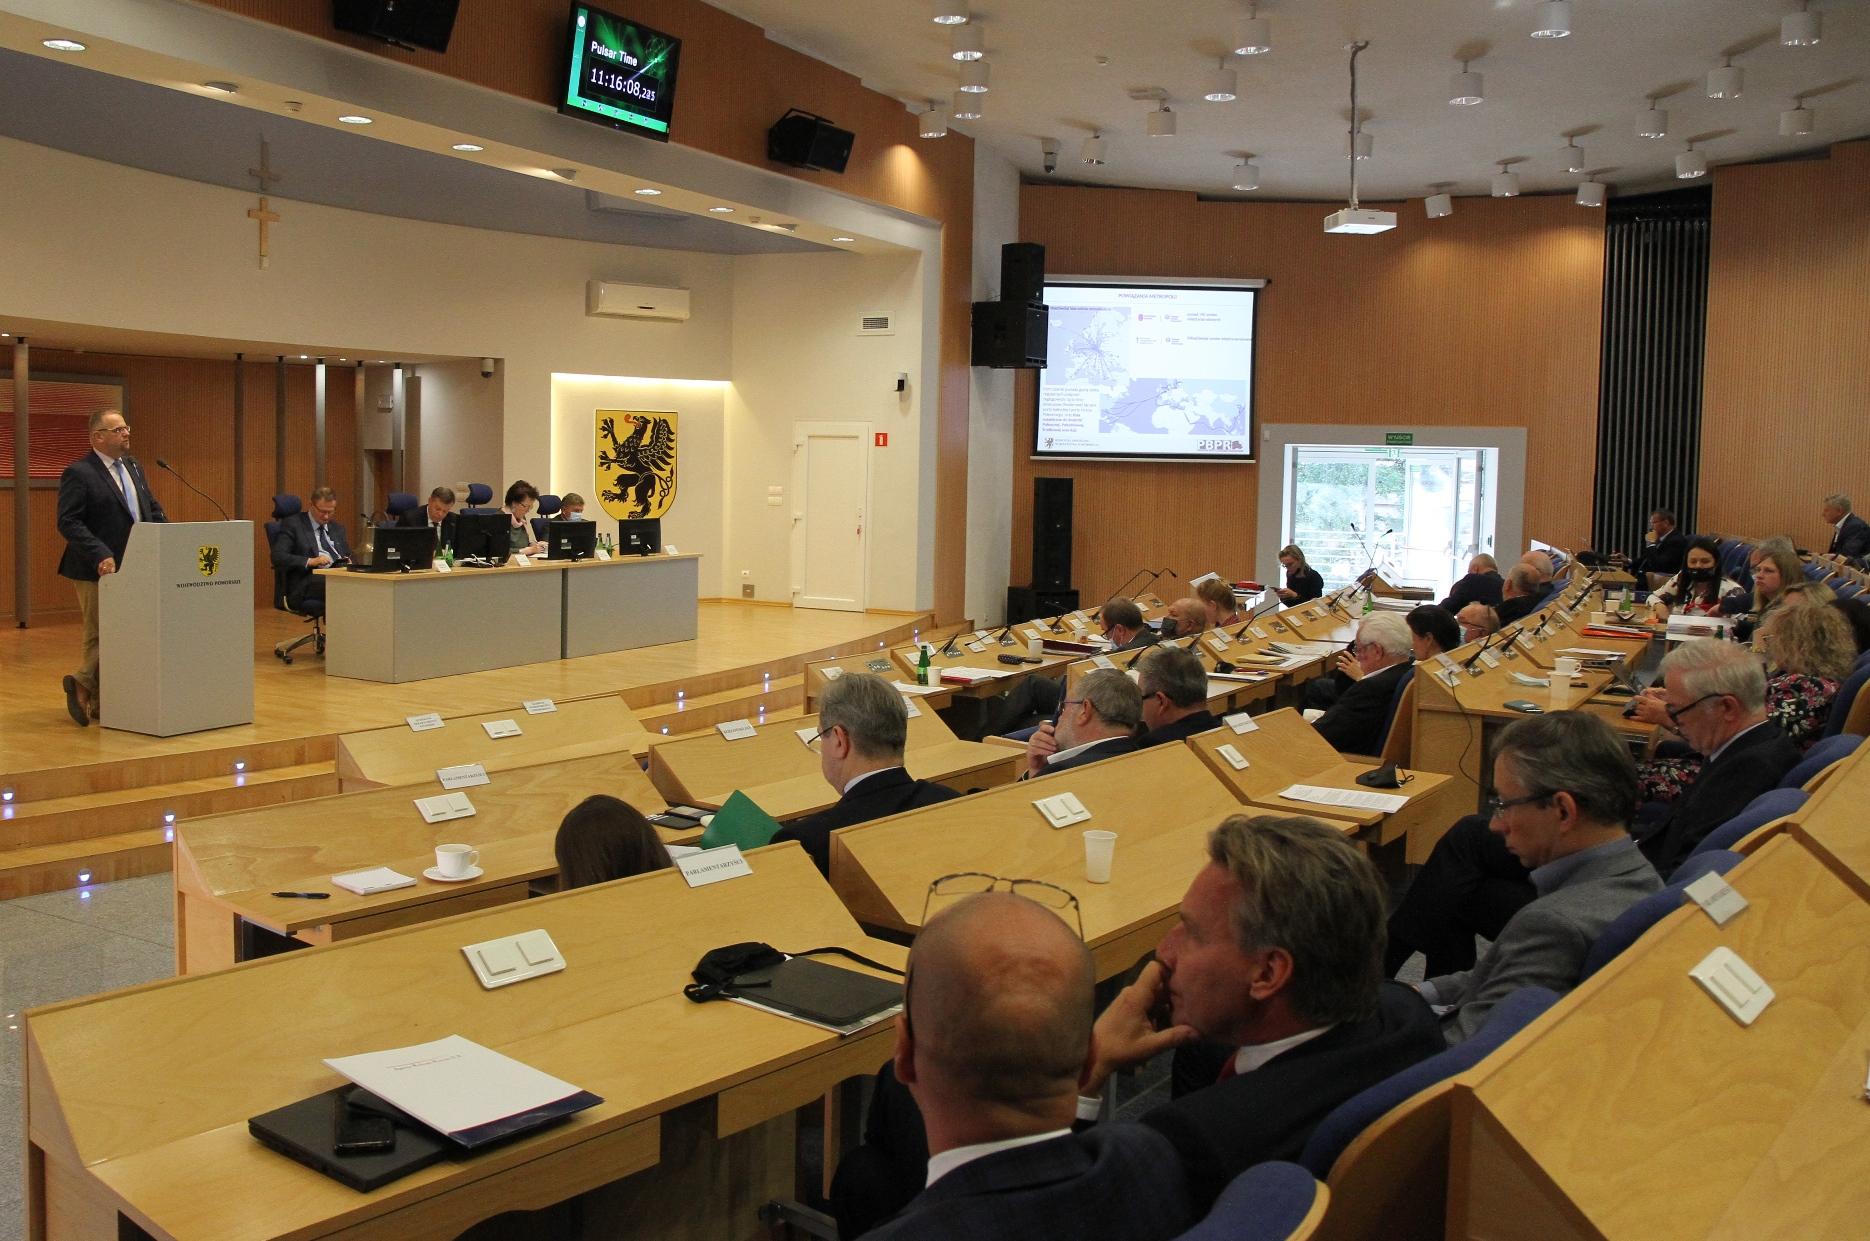 Apel pomorskich radnych: Należy niezwłocznie rozpocząć prace nad ustawą o metropolii